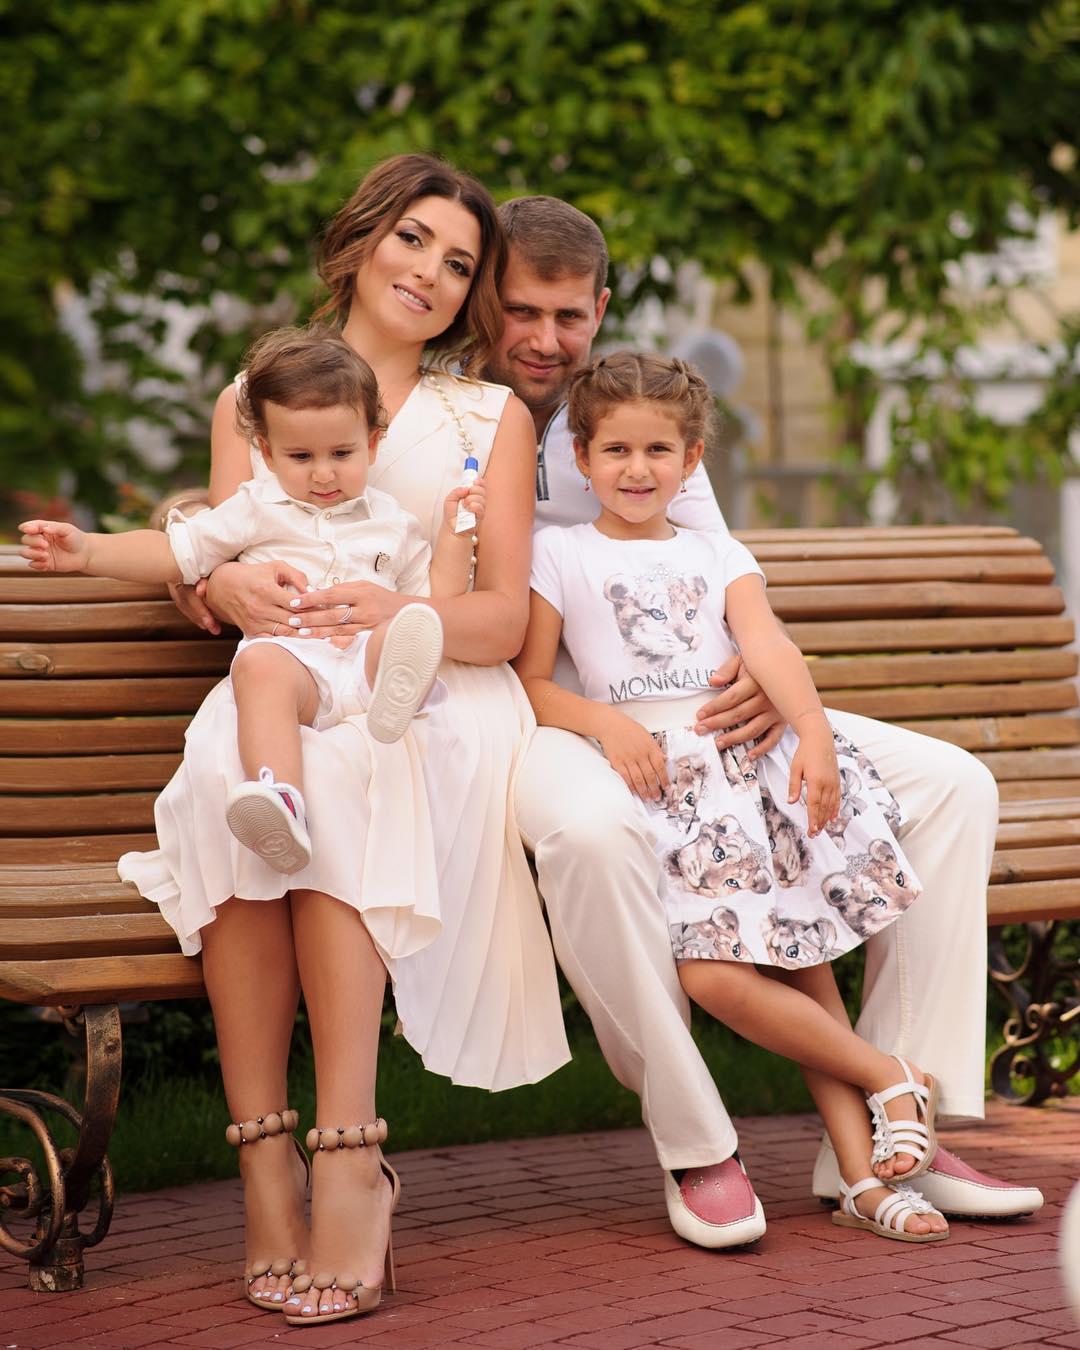 Жасмин биография личная жизнь семья муж дети фото